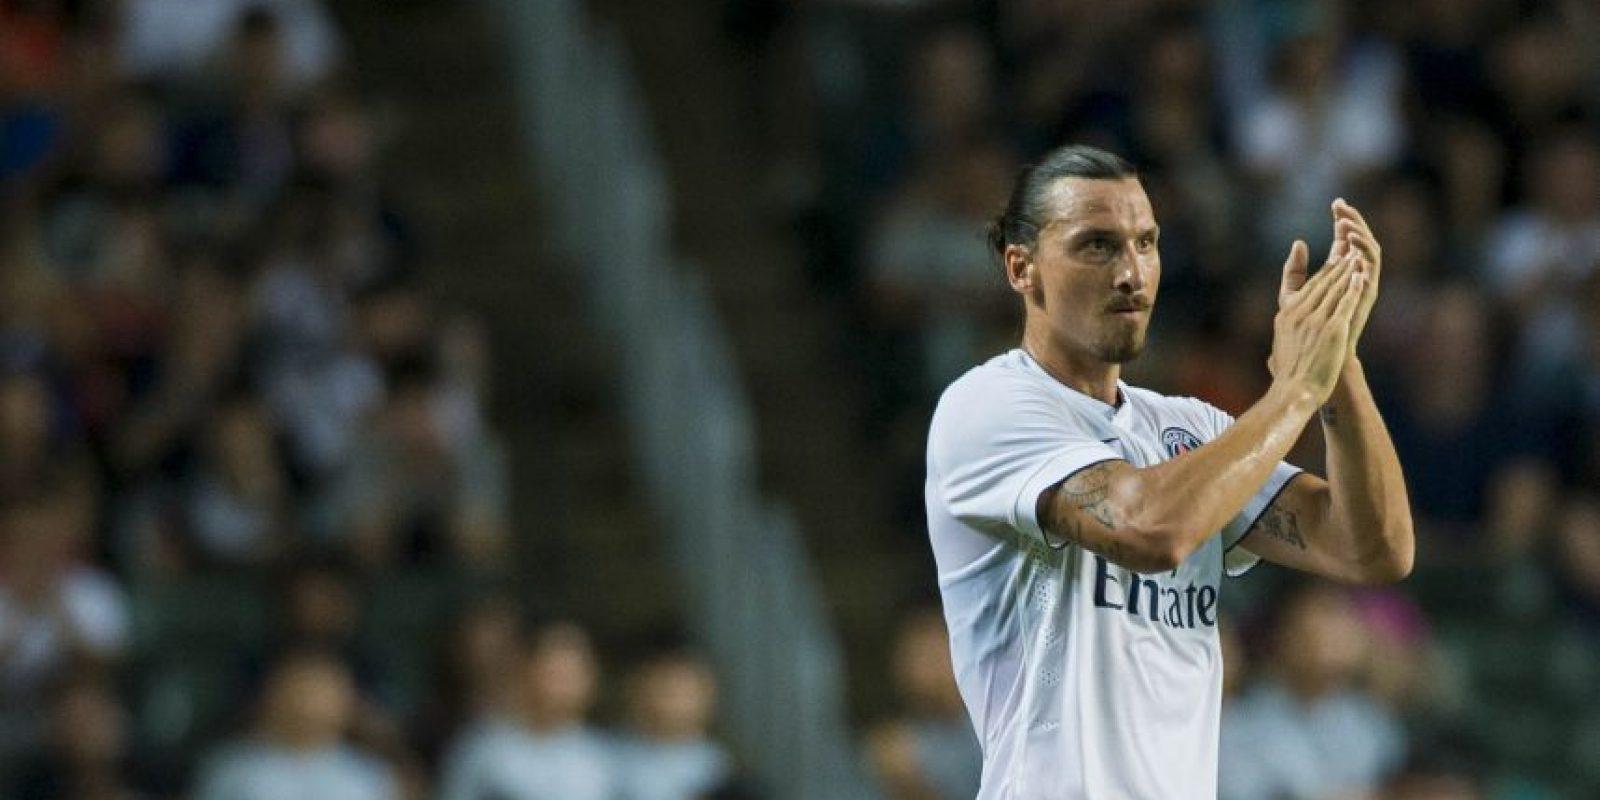 El polémico Zlatan fue captado por las cámaras dedicándole insultos a los árbitros y al propio país donde juega, Francia. Foto:Getty Images